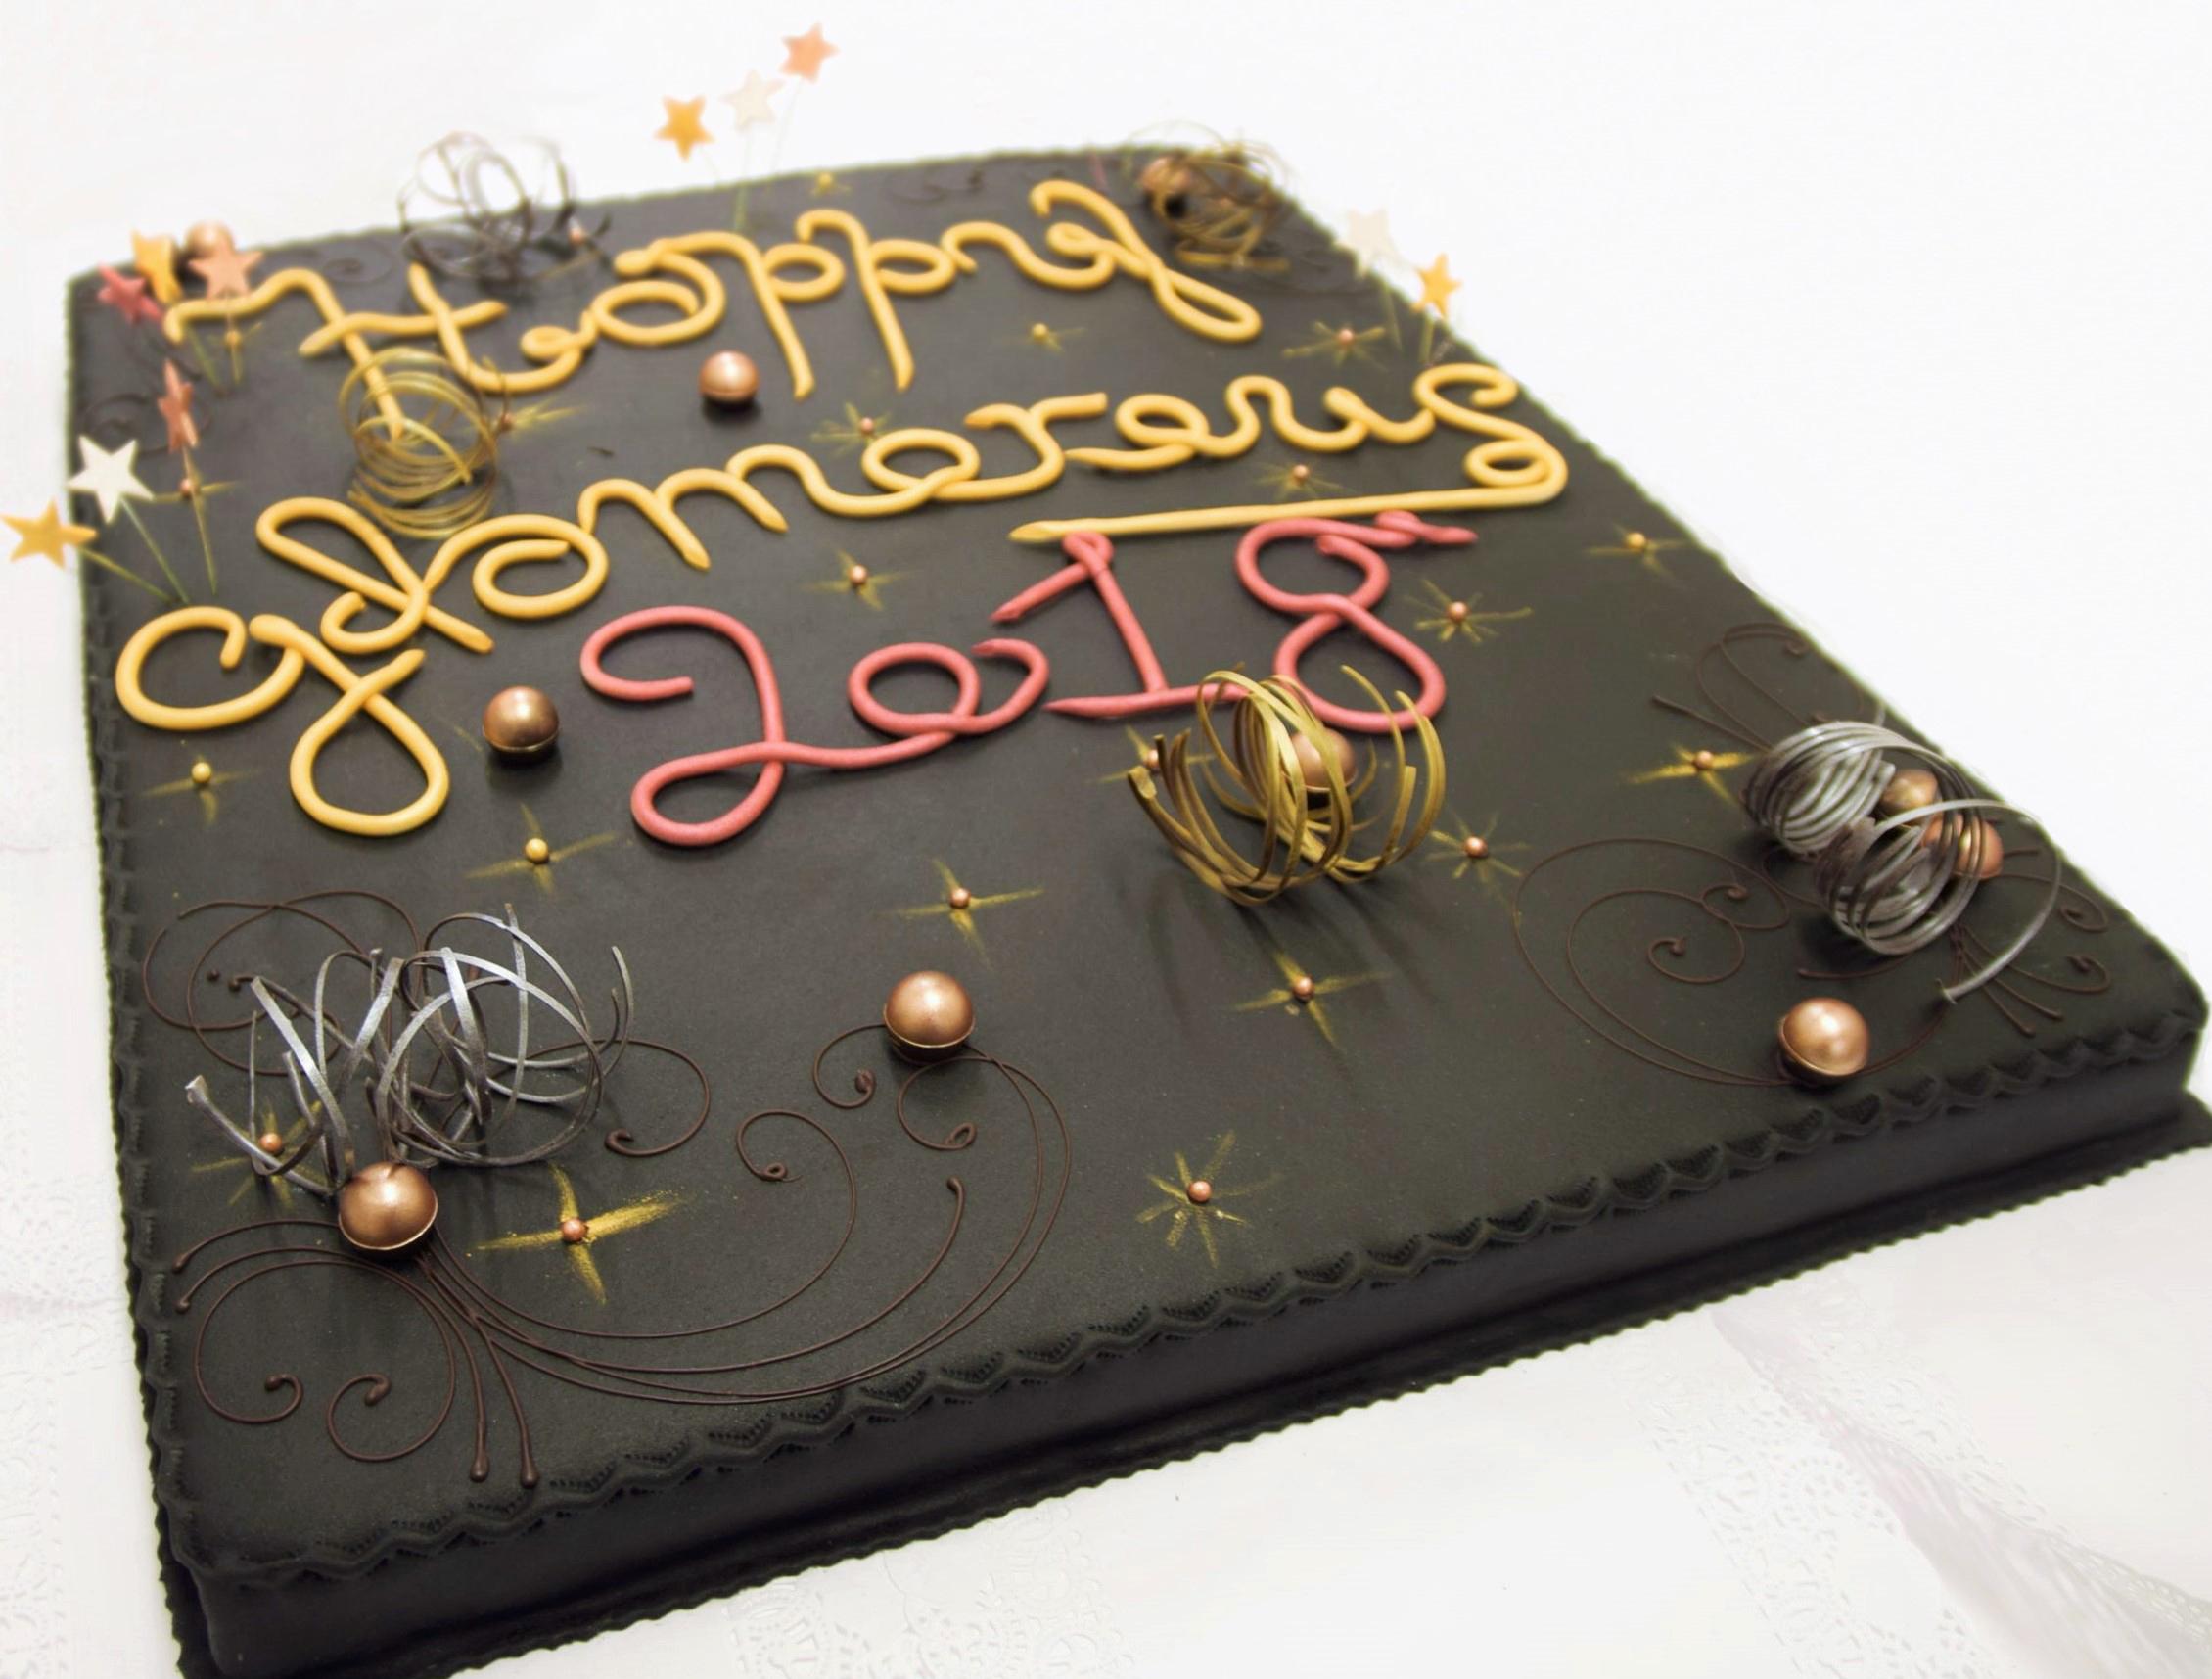 Aastavahetuse tort | Erikaunistusega tordid | Cafe Boulevard